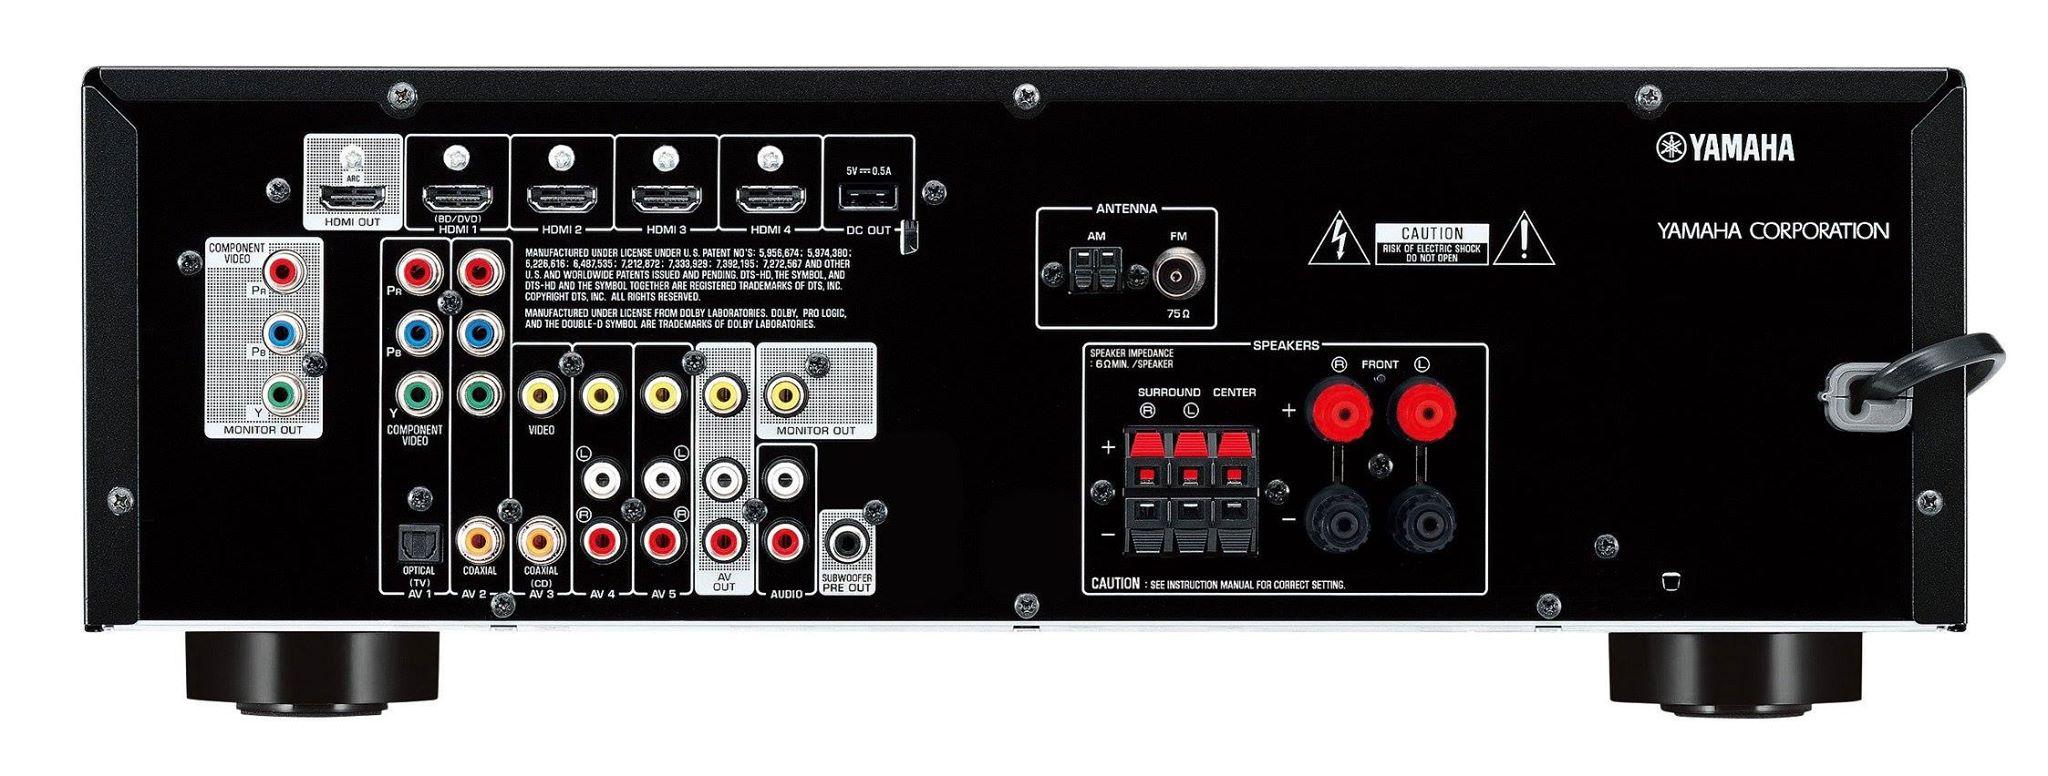 Bo dan Yamaha 5.1 YHT-2910 mat sau